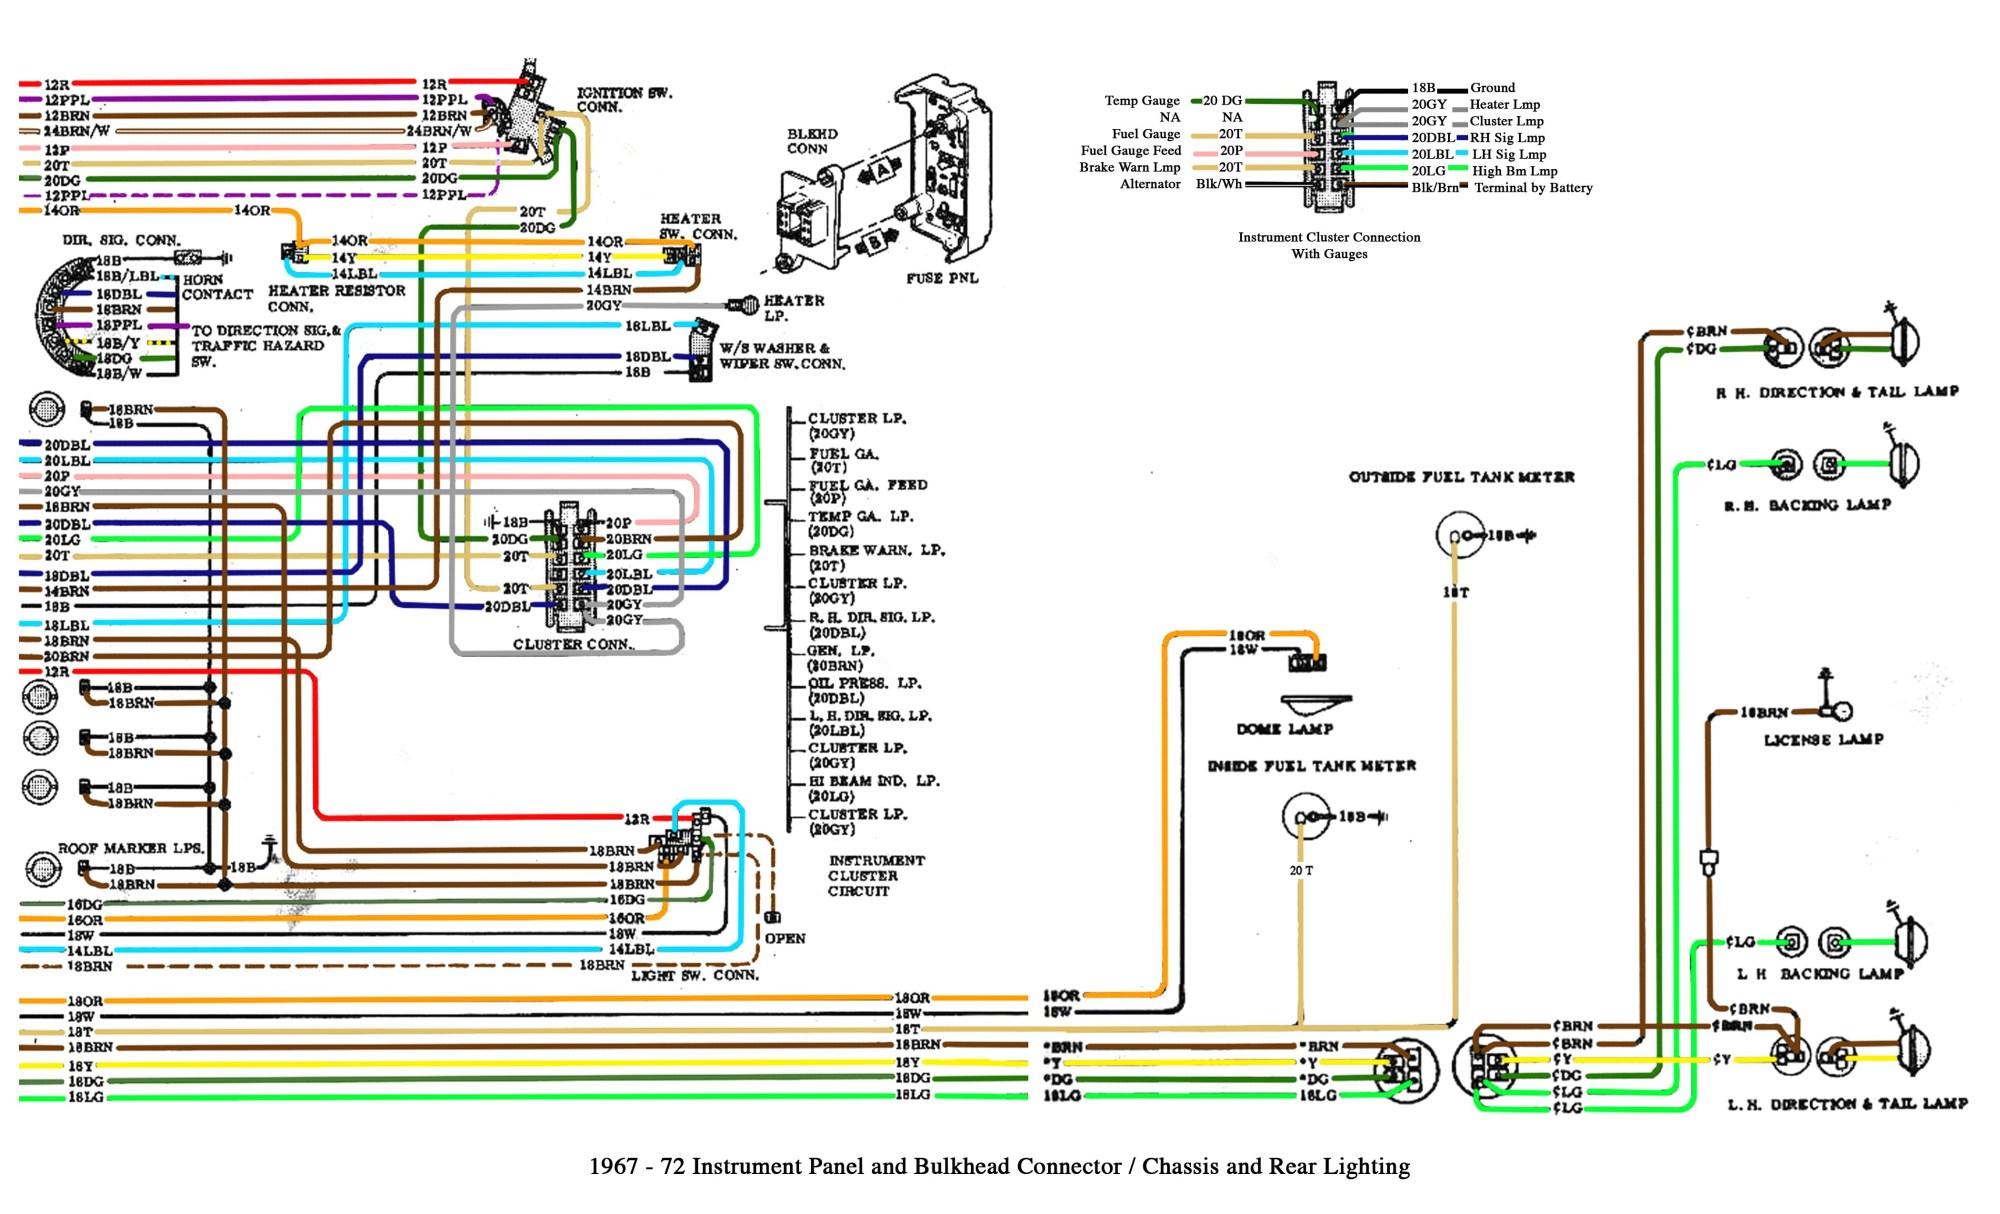 hight resolution of 2004 silverado dash diagram wiring diagram services u2022 rh wiringdiagramguide services under dash wire color codes